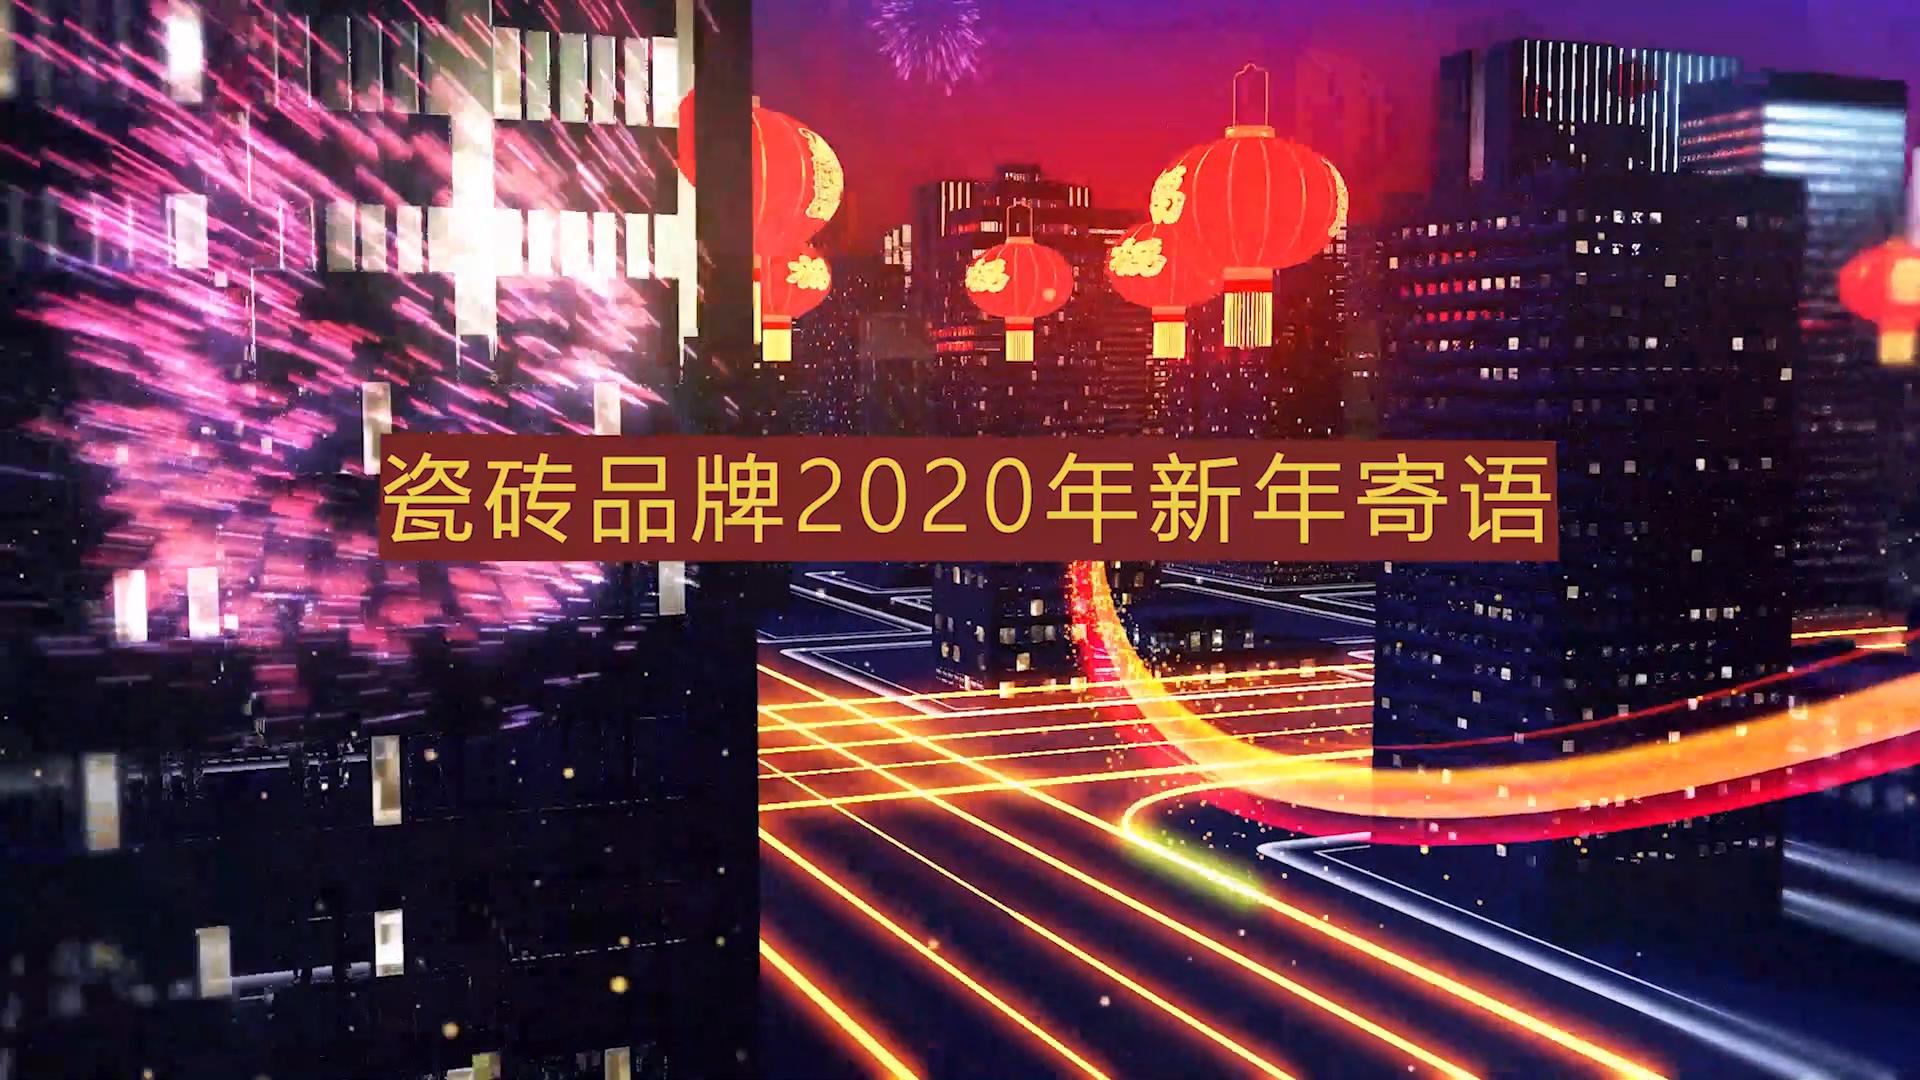 瓷砖品牌2020年新年寄语